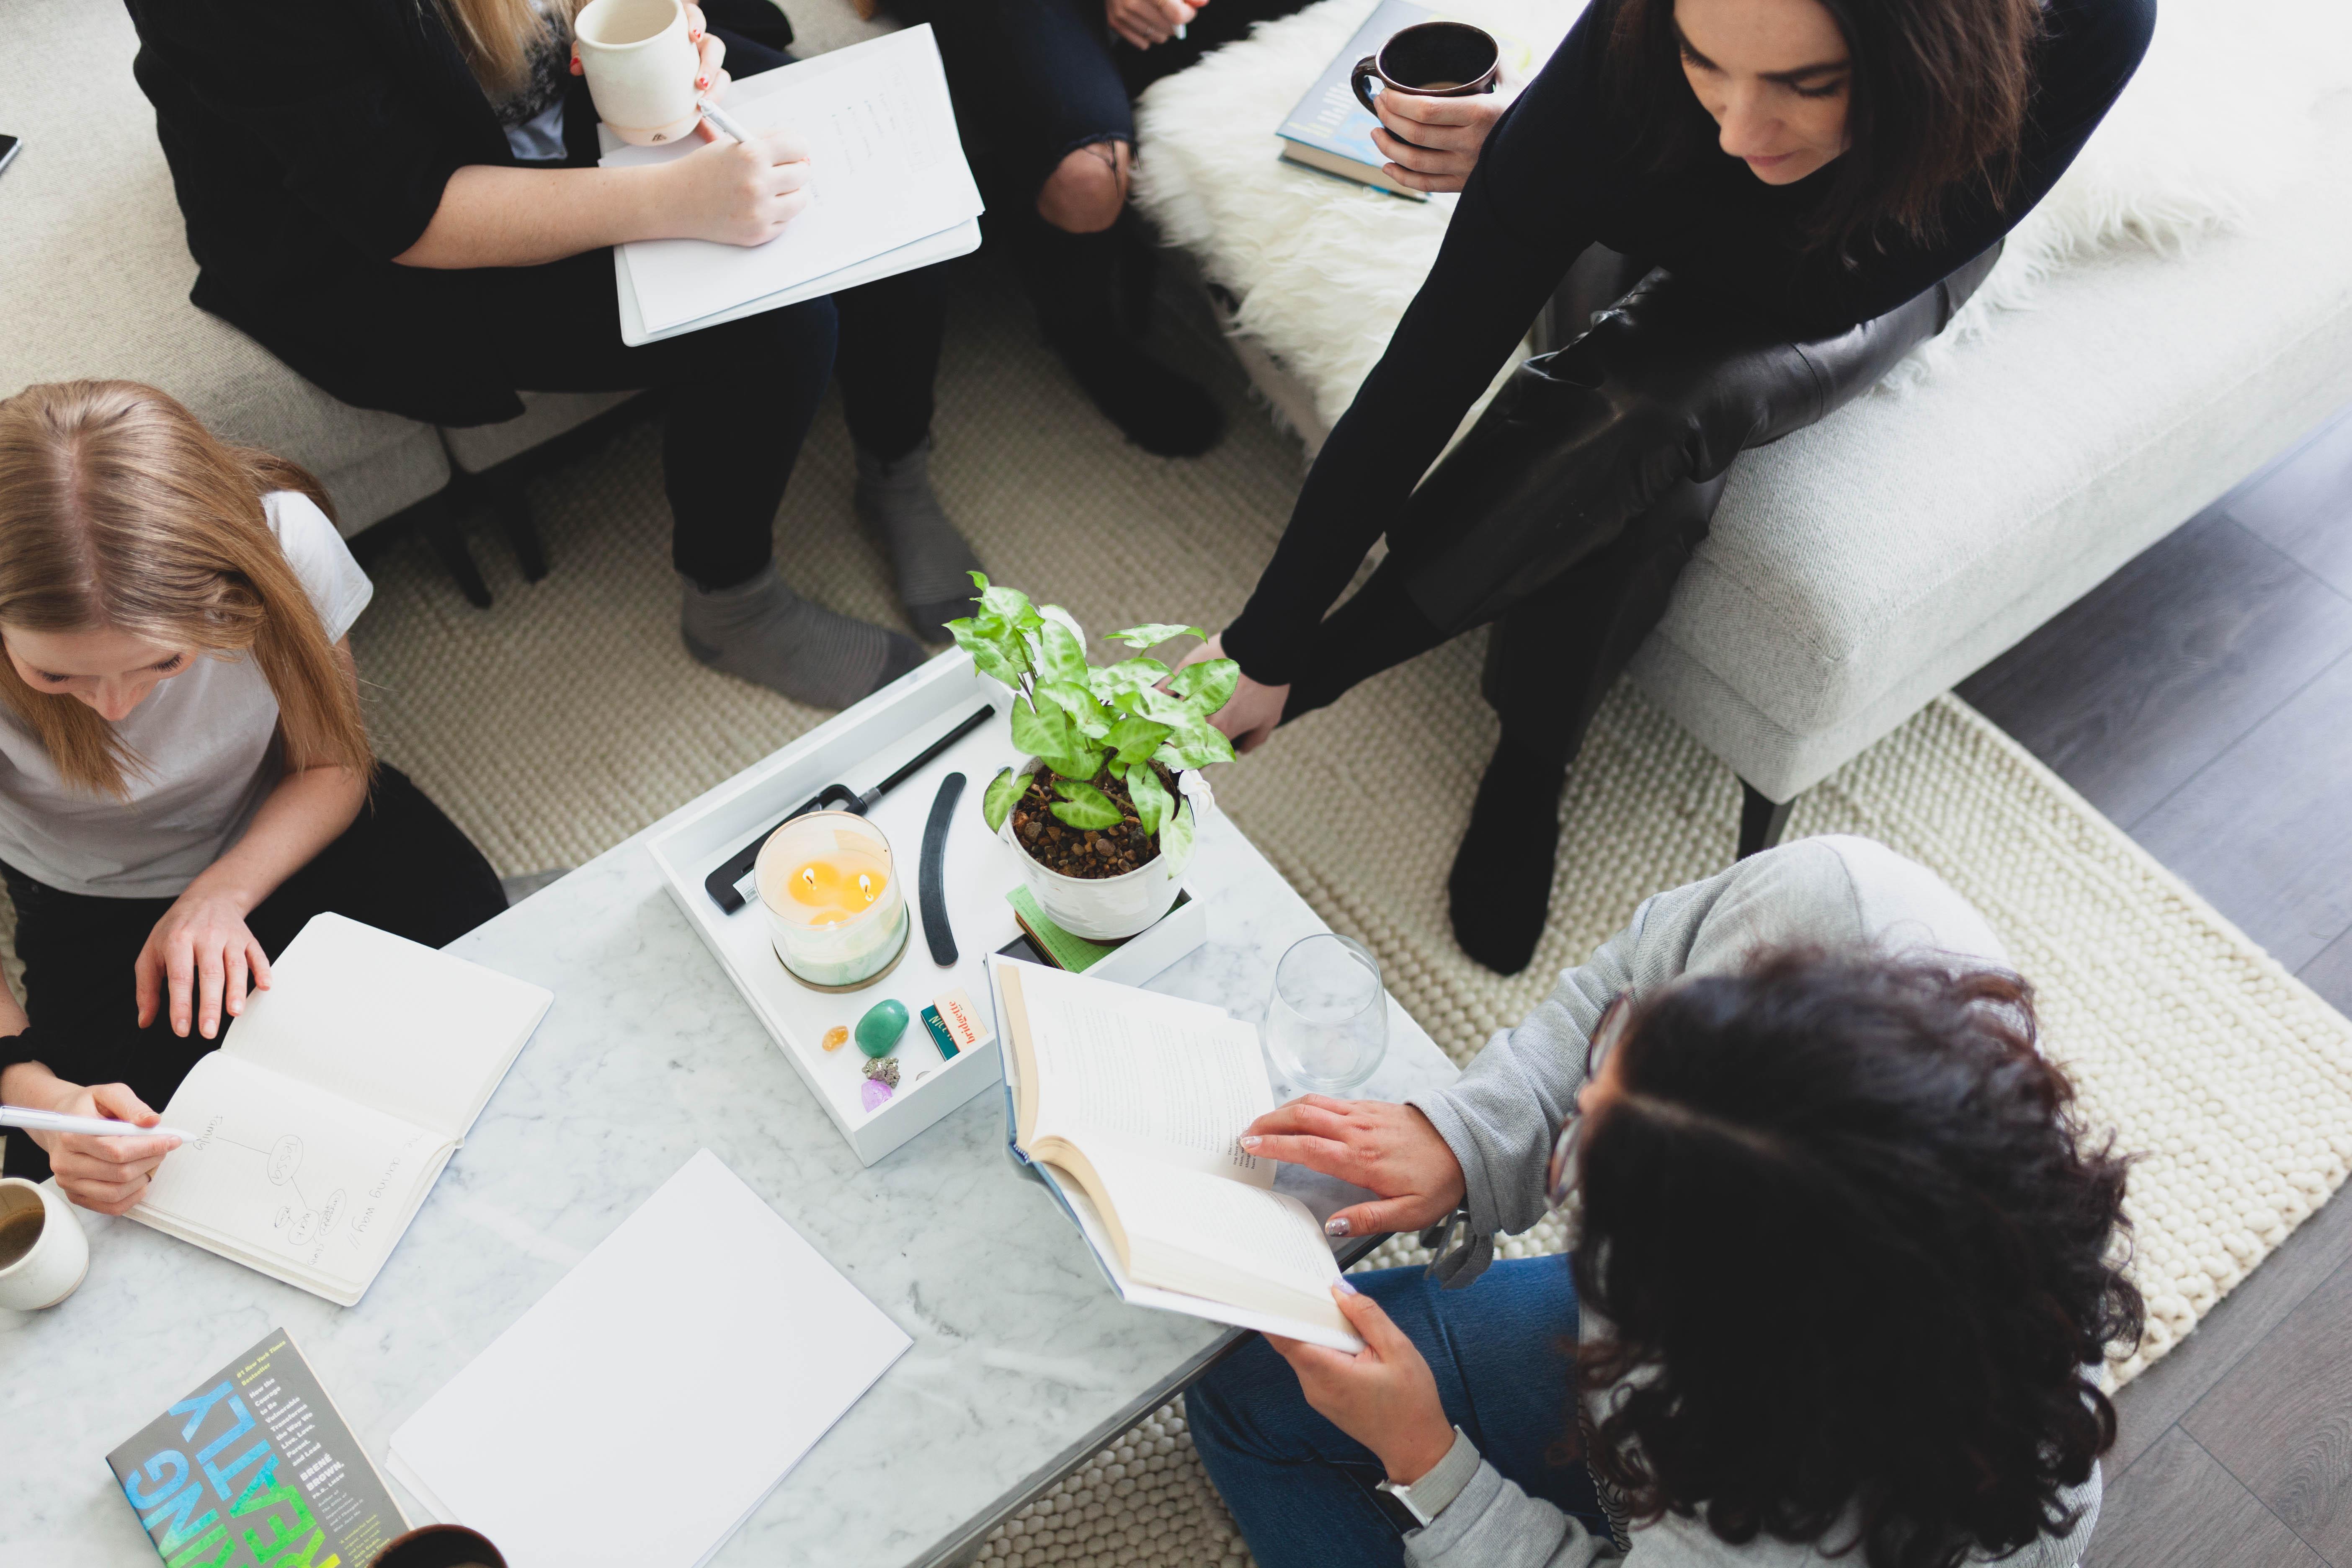 Brené Brown Workshops